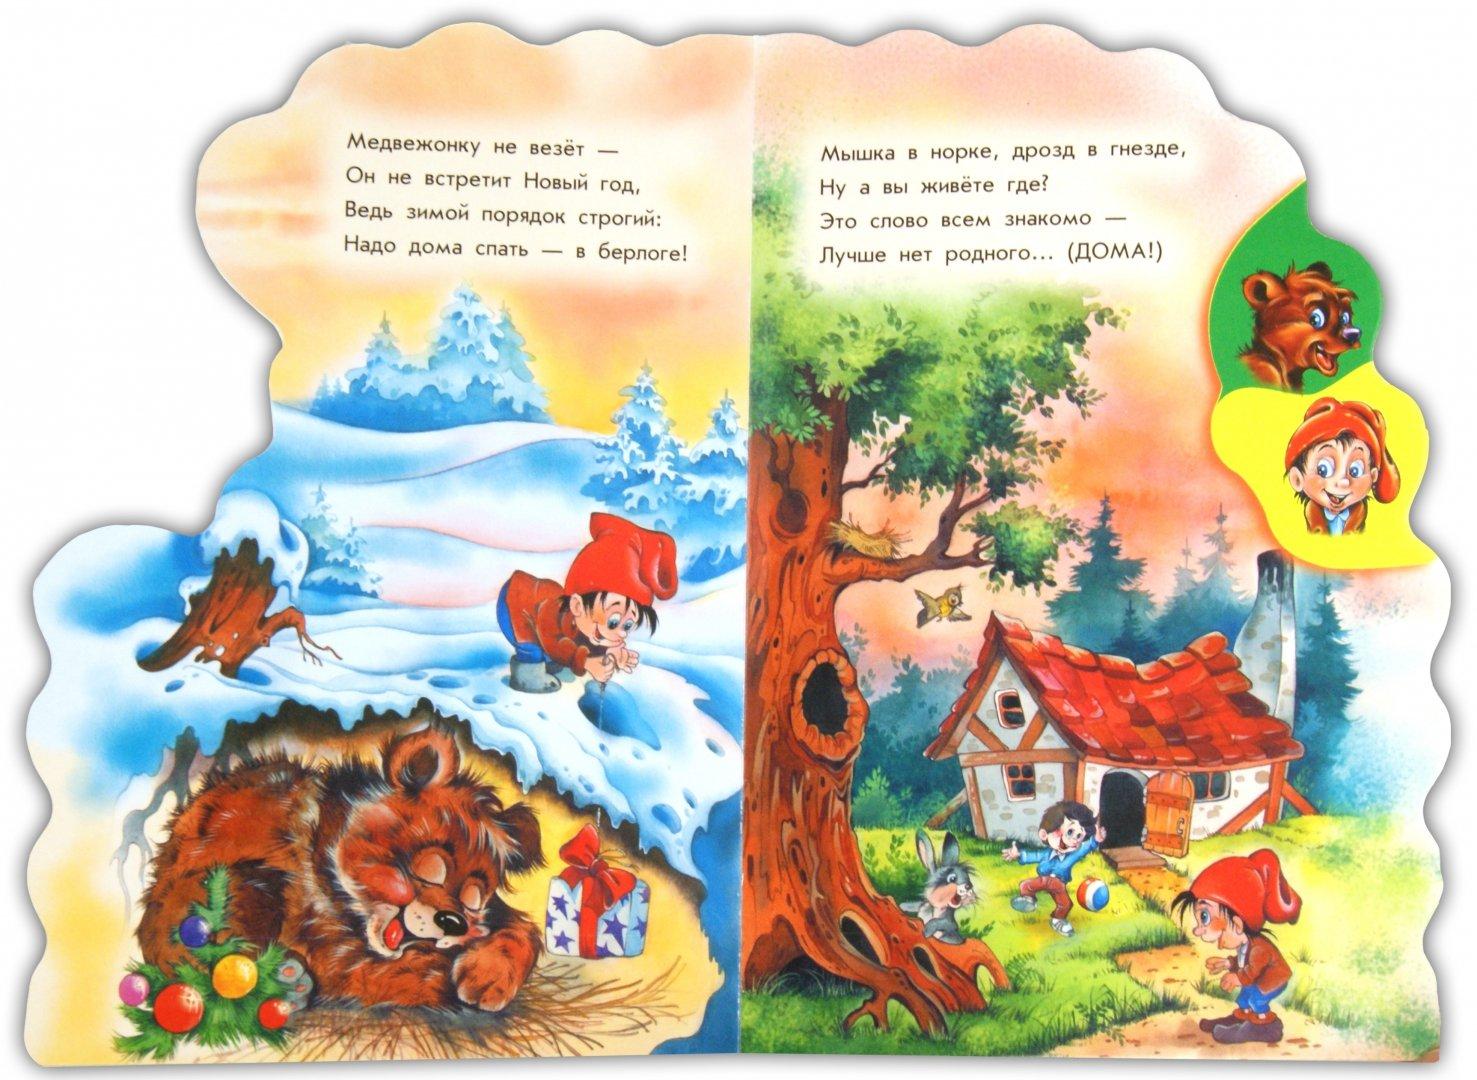 Иллюстрация 1 из 15 для Кто где живет - Юлия Репринцева | Лабиринт - книги. Источник: Лабиринт